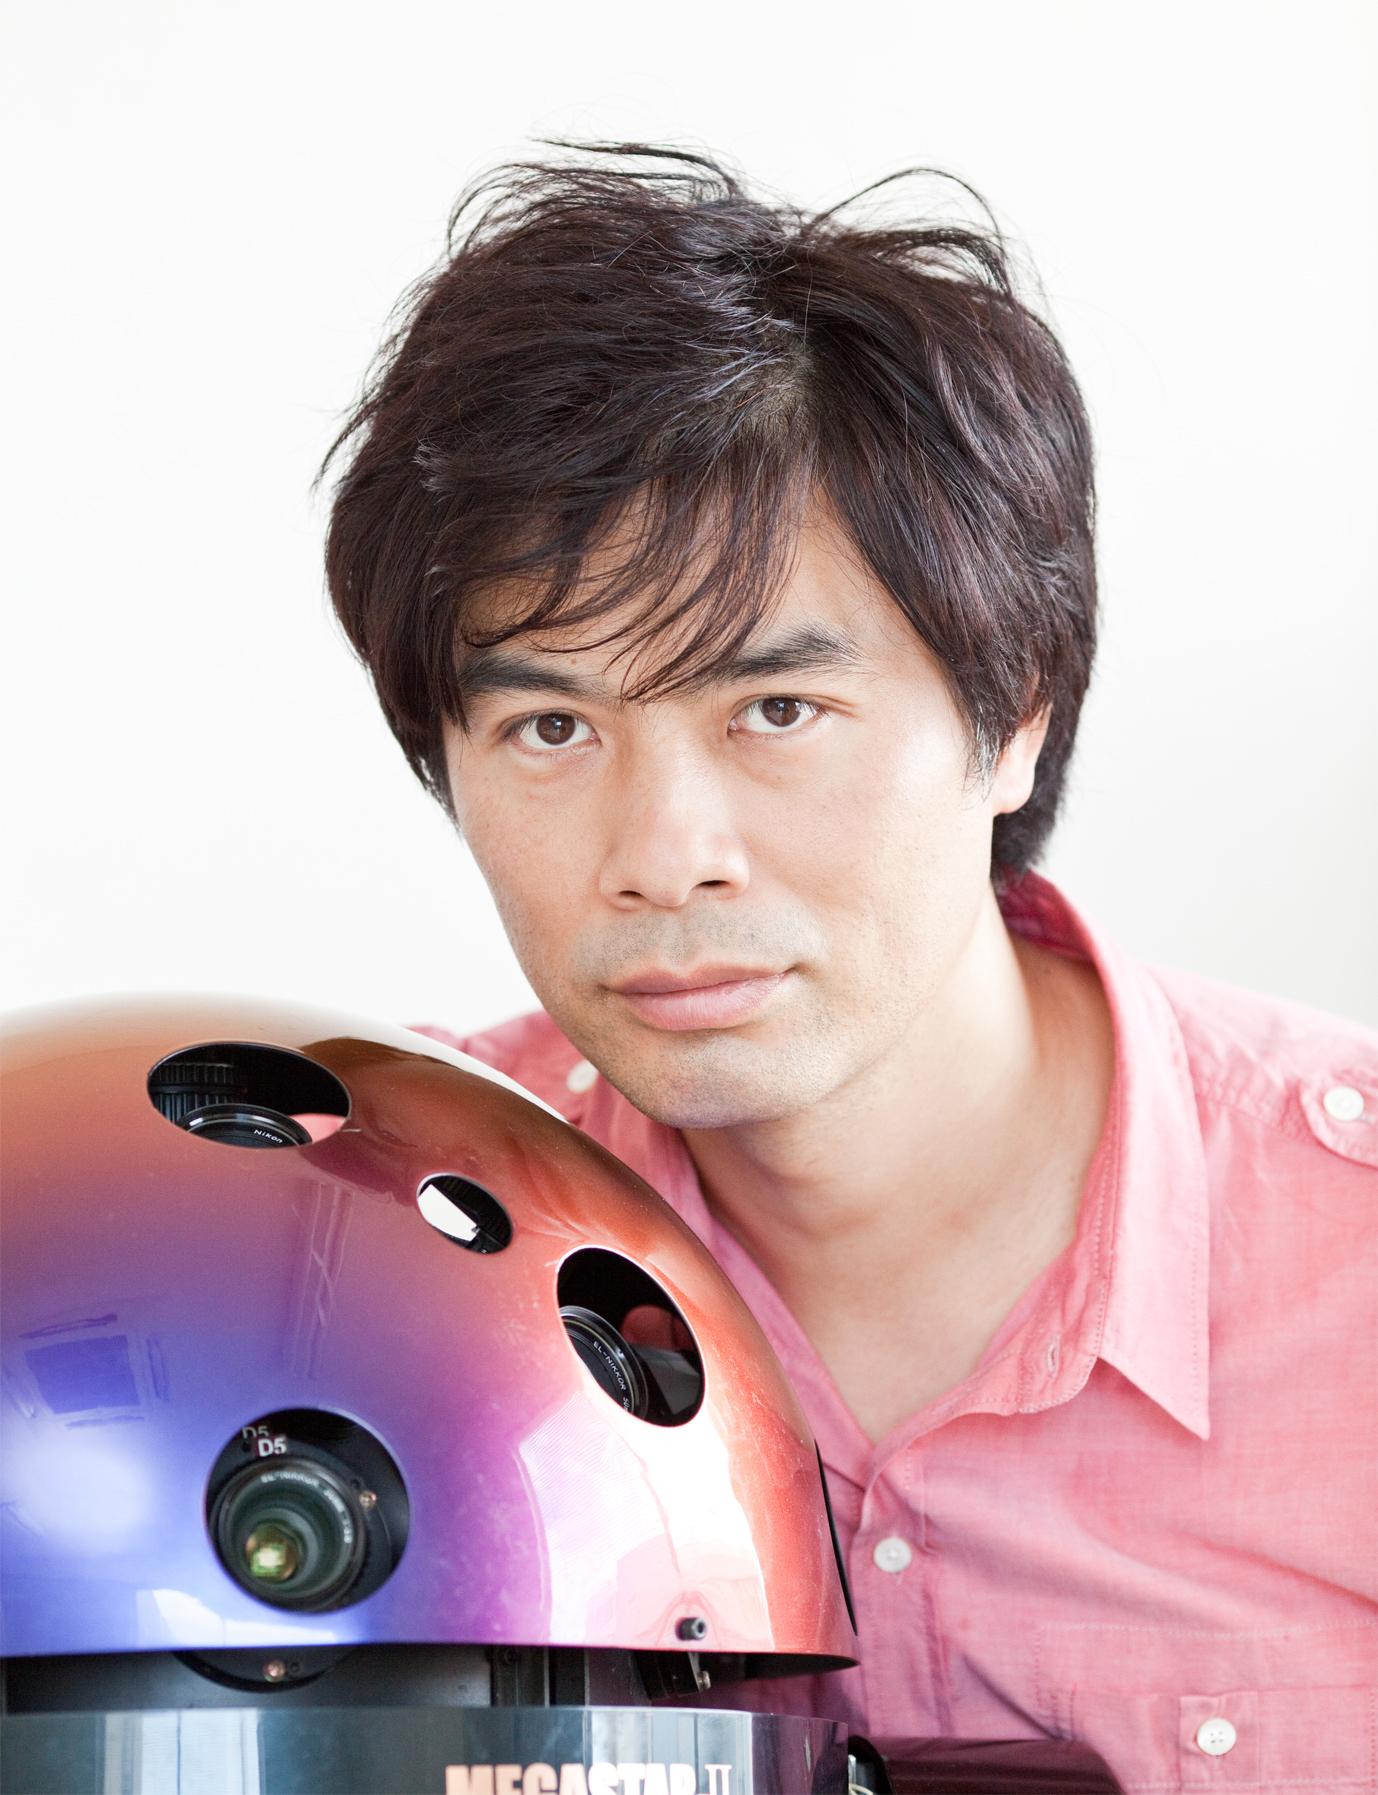 https://akarenga.yafjp.org/wp/wp-content/uploads/2021/07/takayuki_ohira.jpg